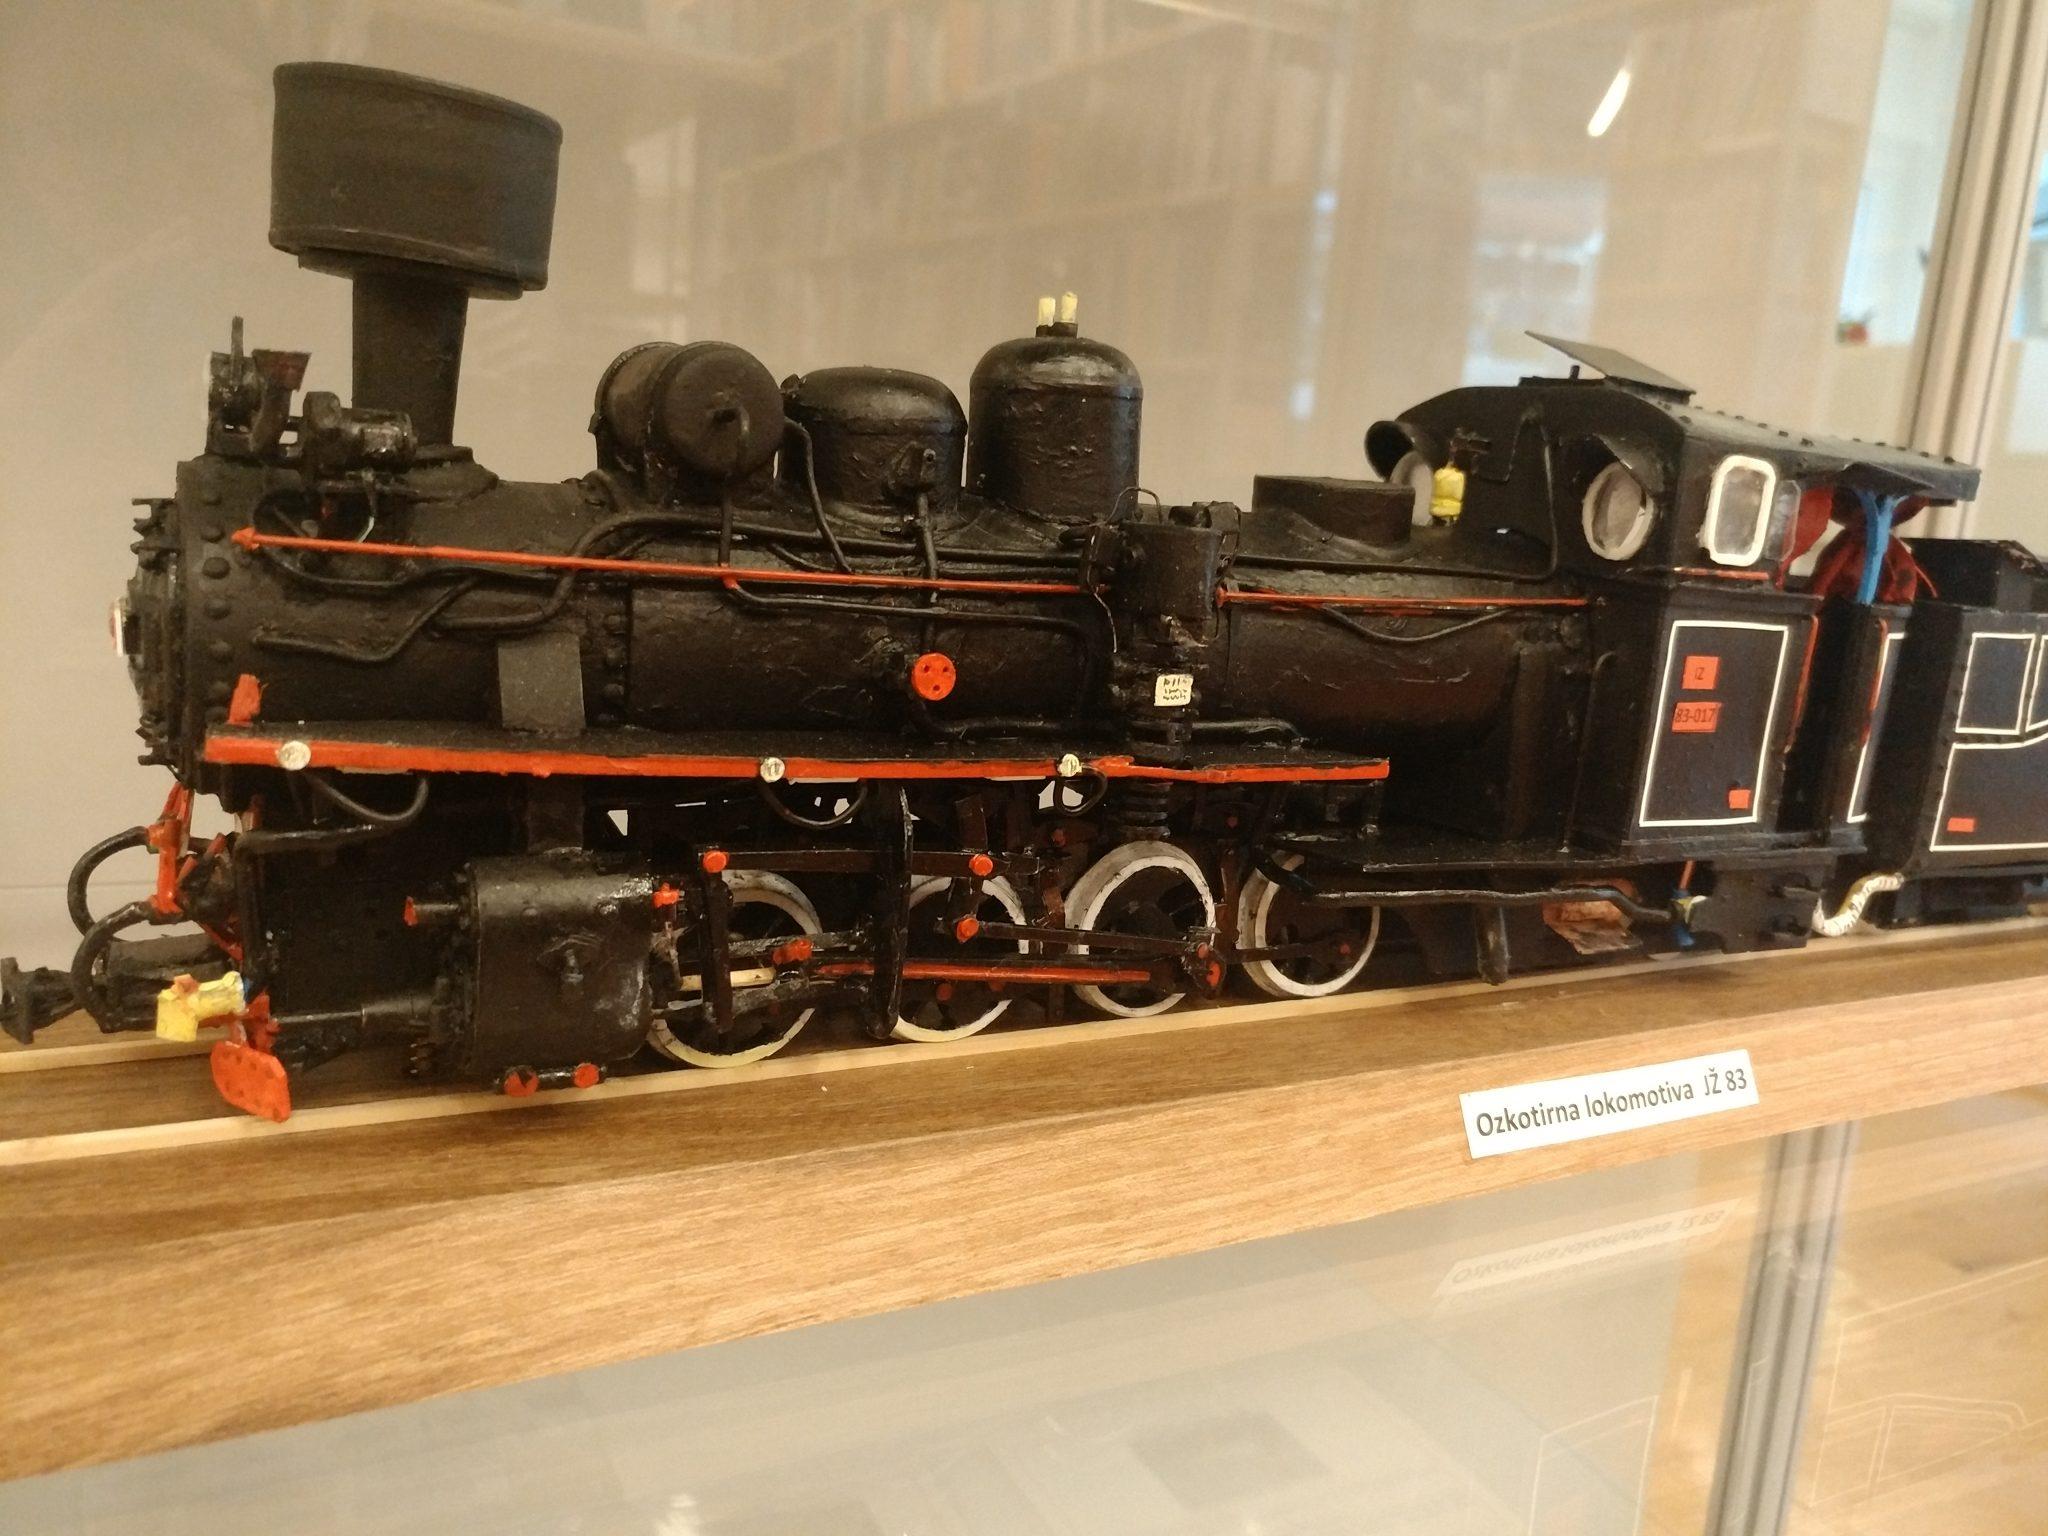 IMG 20181112 110816 - Zvone Ivančič: 160 let južne železnice – razstava maket lokomotiv in izbora znamk